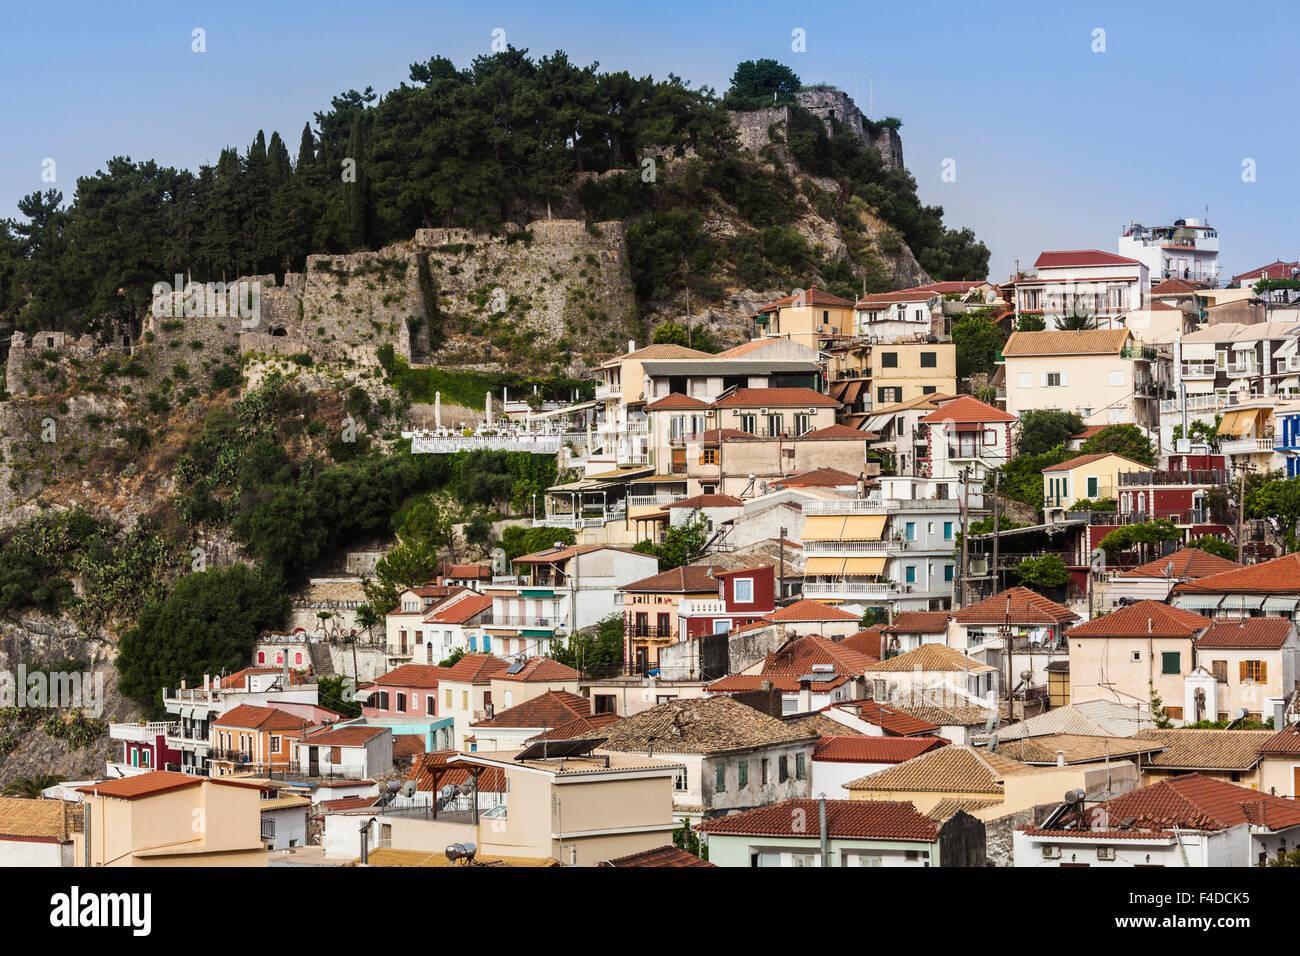 Griechenland, Parga, Epirus, erhöhten Blick auf Stadt und venezianische Burg, morgen Stockbild